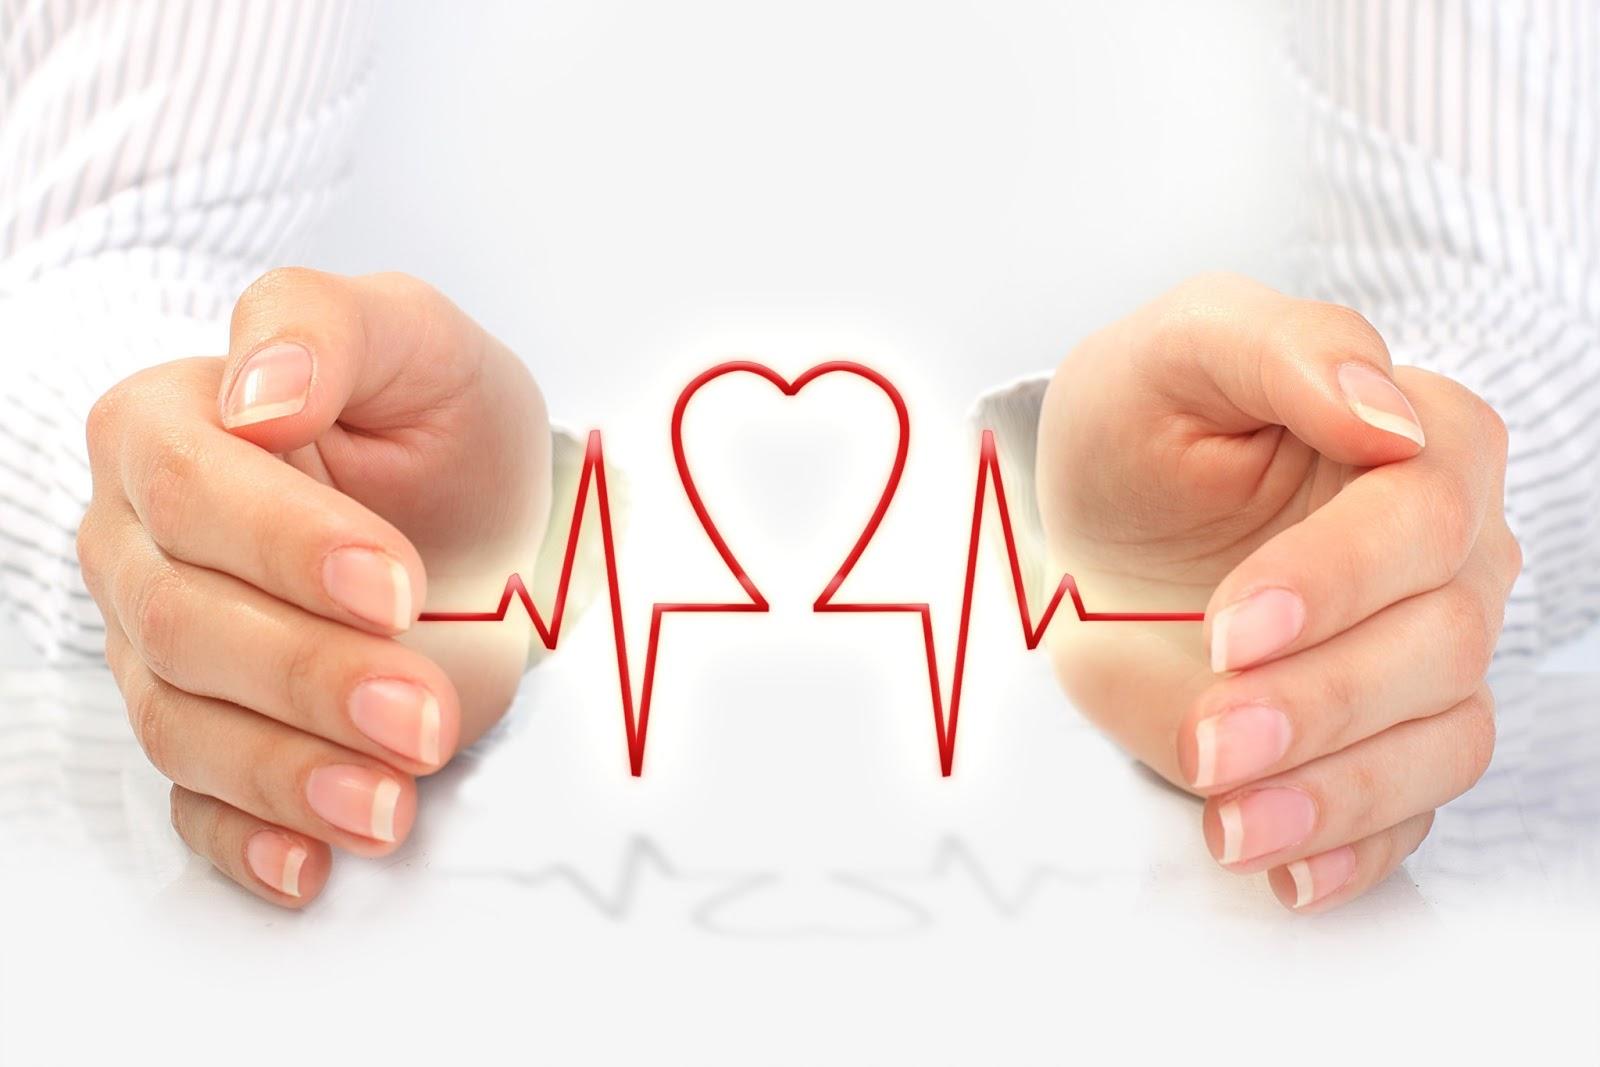 En uygun ve kampanyalı Özel Sağlık Sigortası Fiyatları 2021